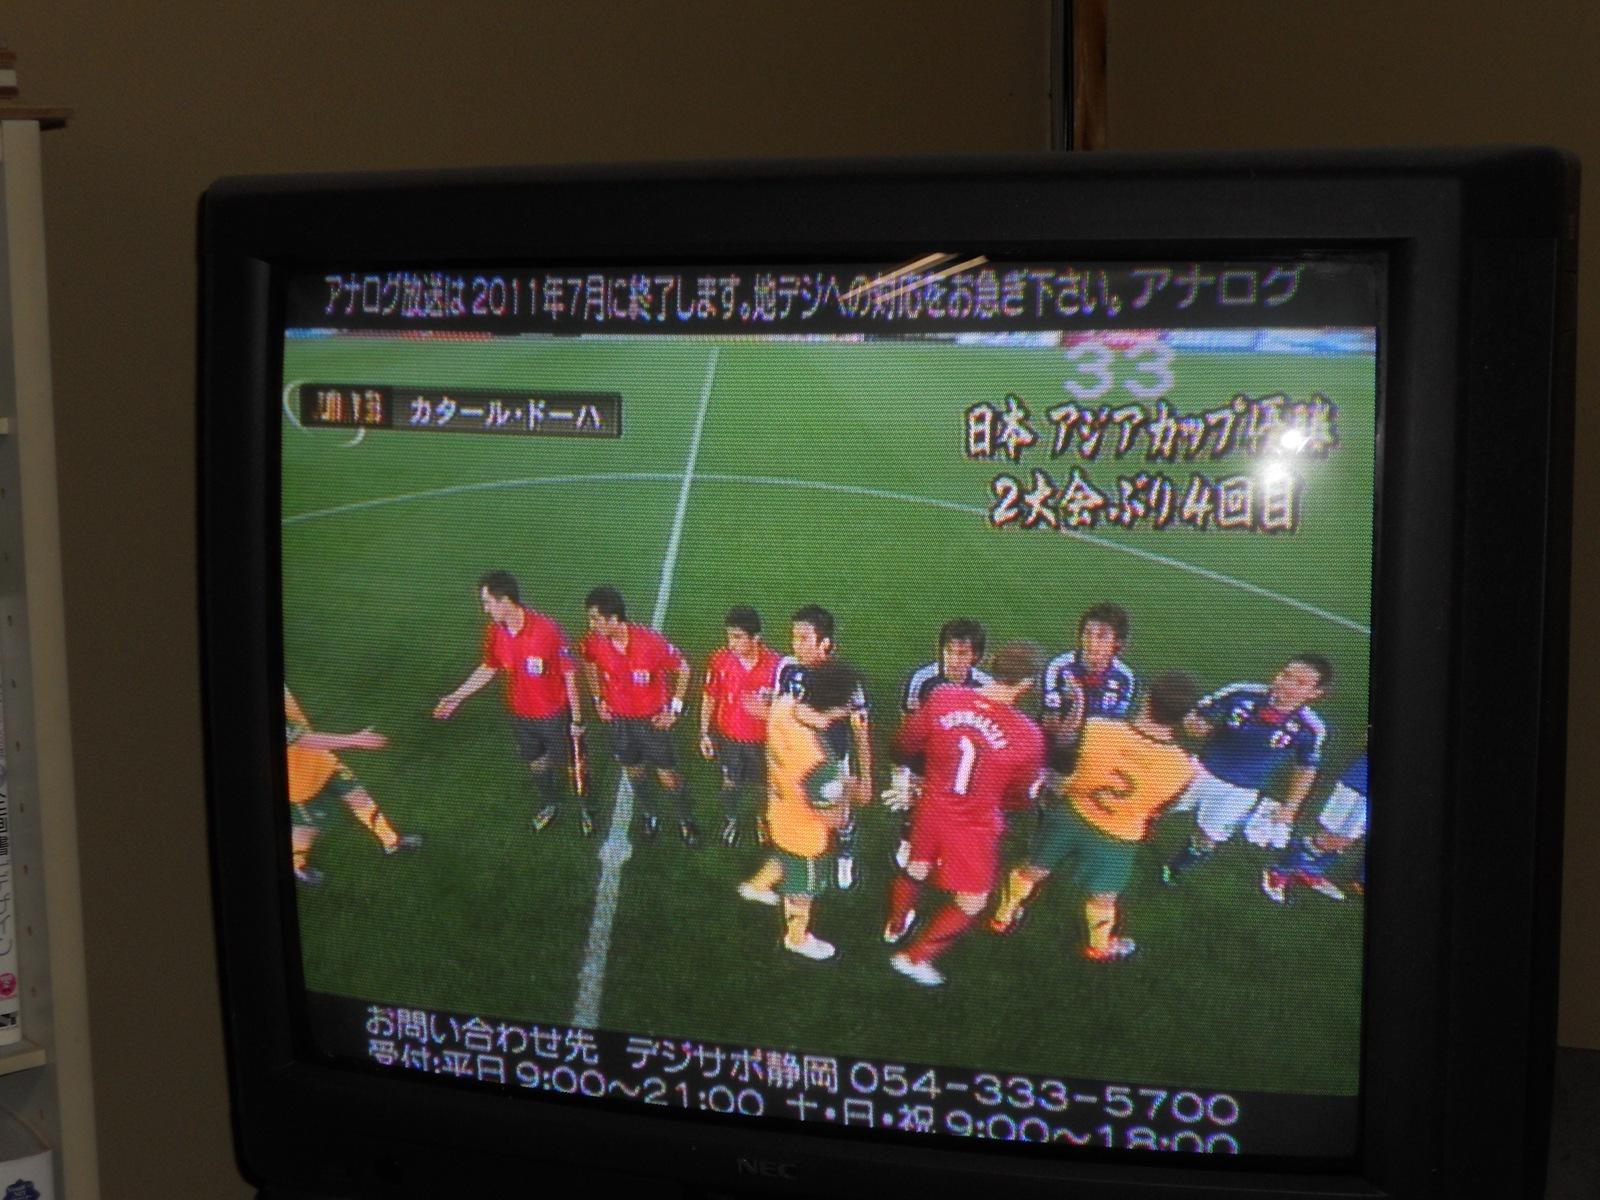 アジアカップ2011 日本、遂に史上最多!4度目のアジアカップ制覇!!!!